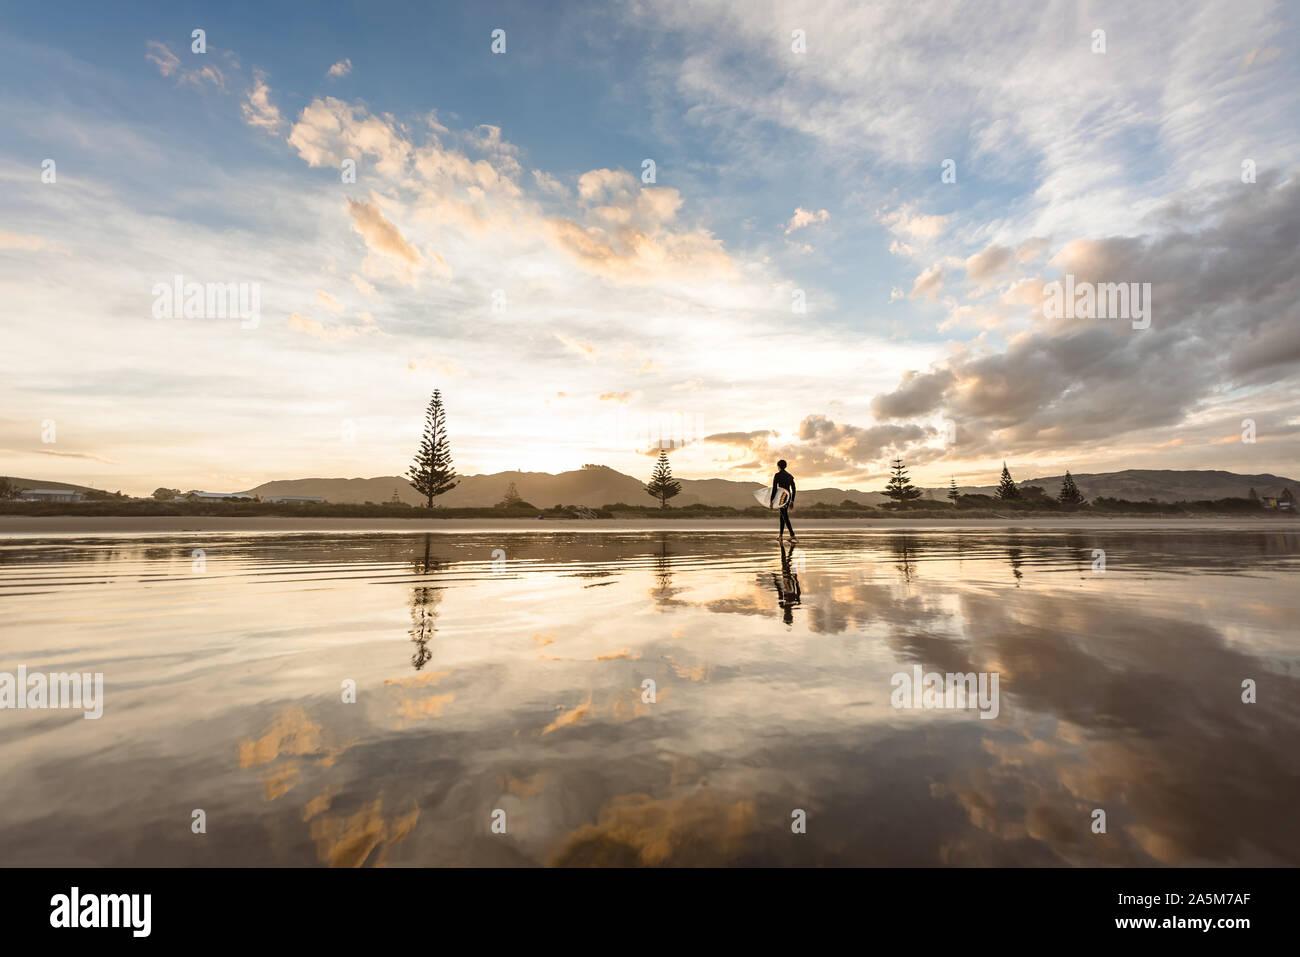 Jugendlich Junge mit Surfbrett zu Fuß am Strand bei Sonnenuntergang Stockfoto